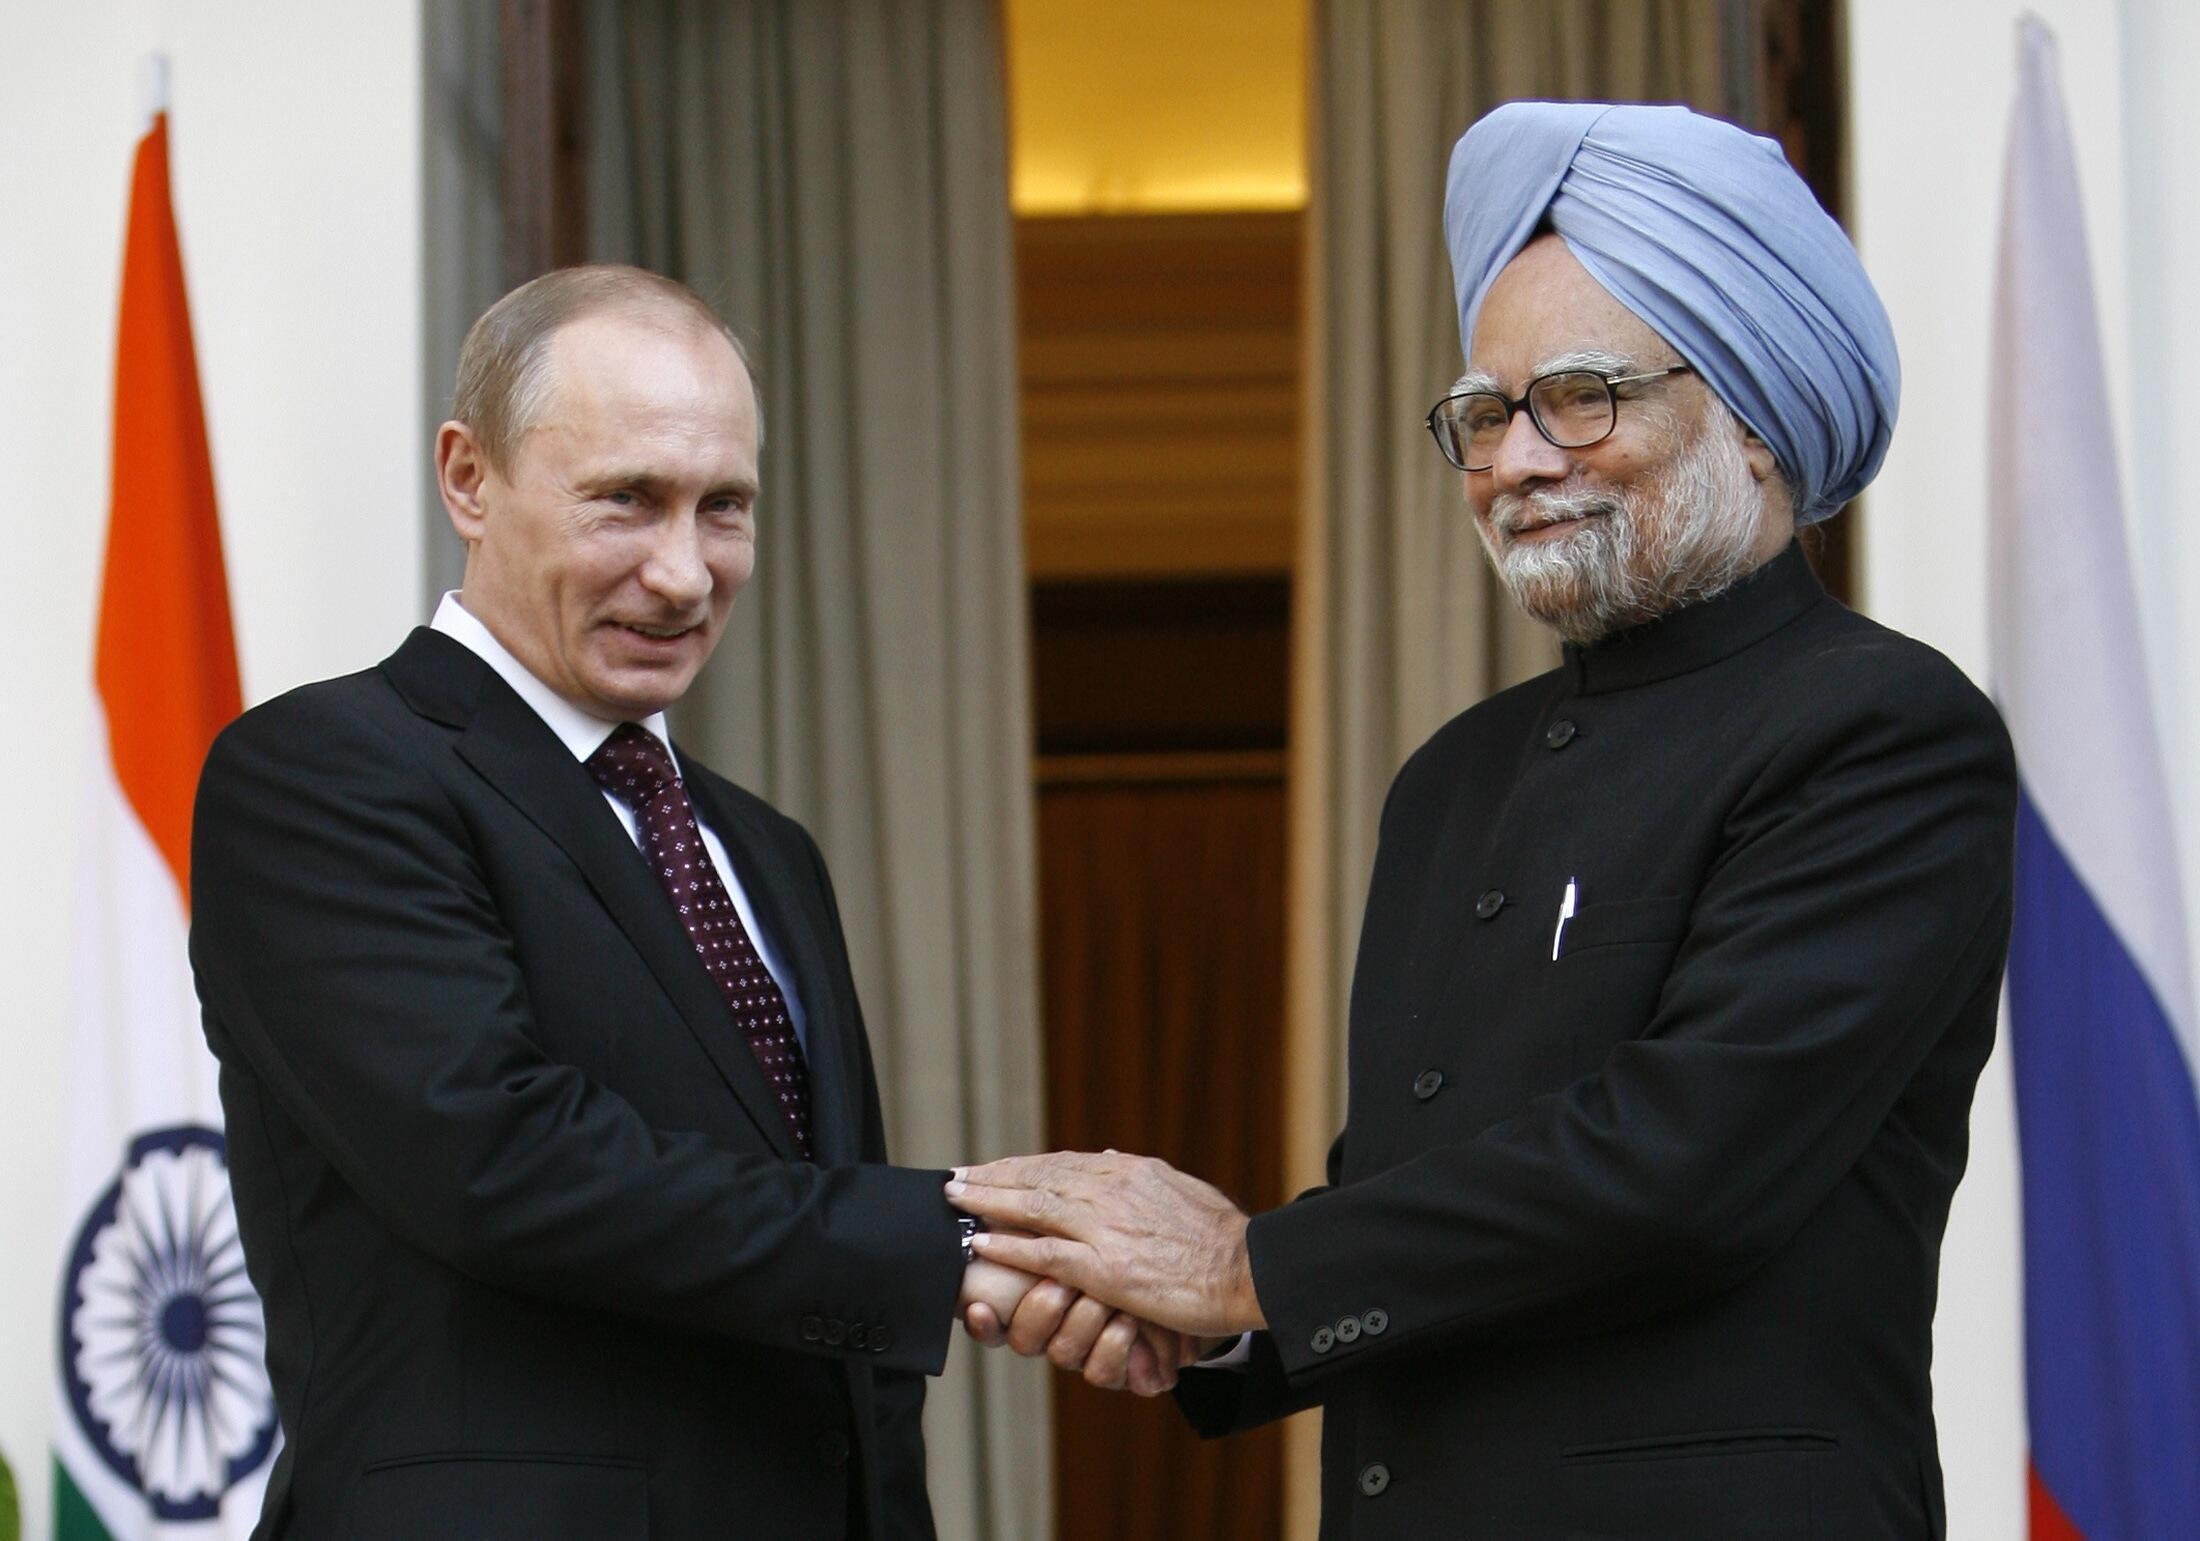 La dernière visite de Vladimir Poutine en Inde remonte à mars 2010, en qualité de Premier ministre..